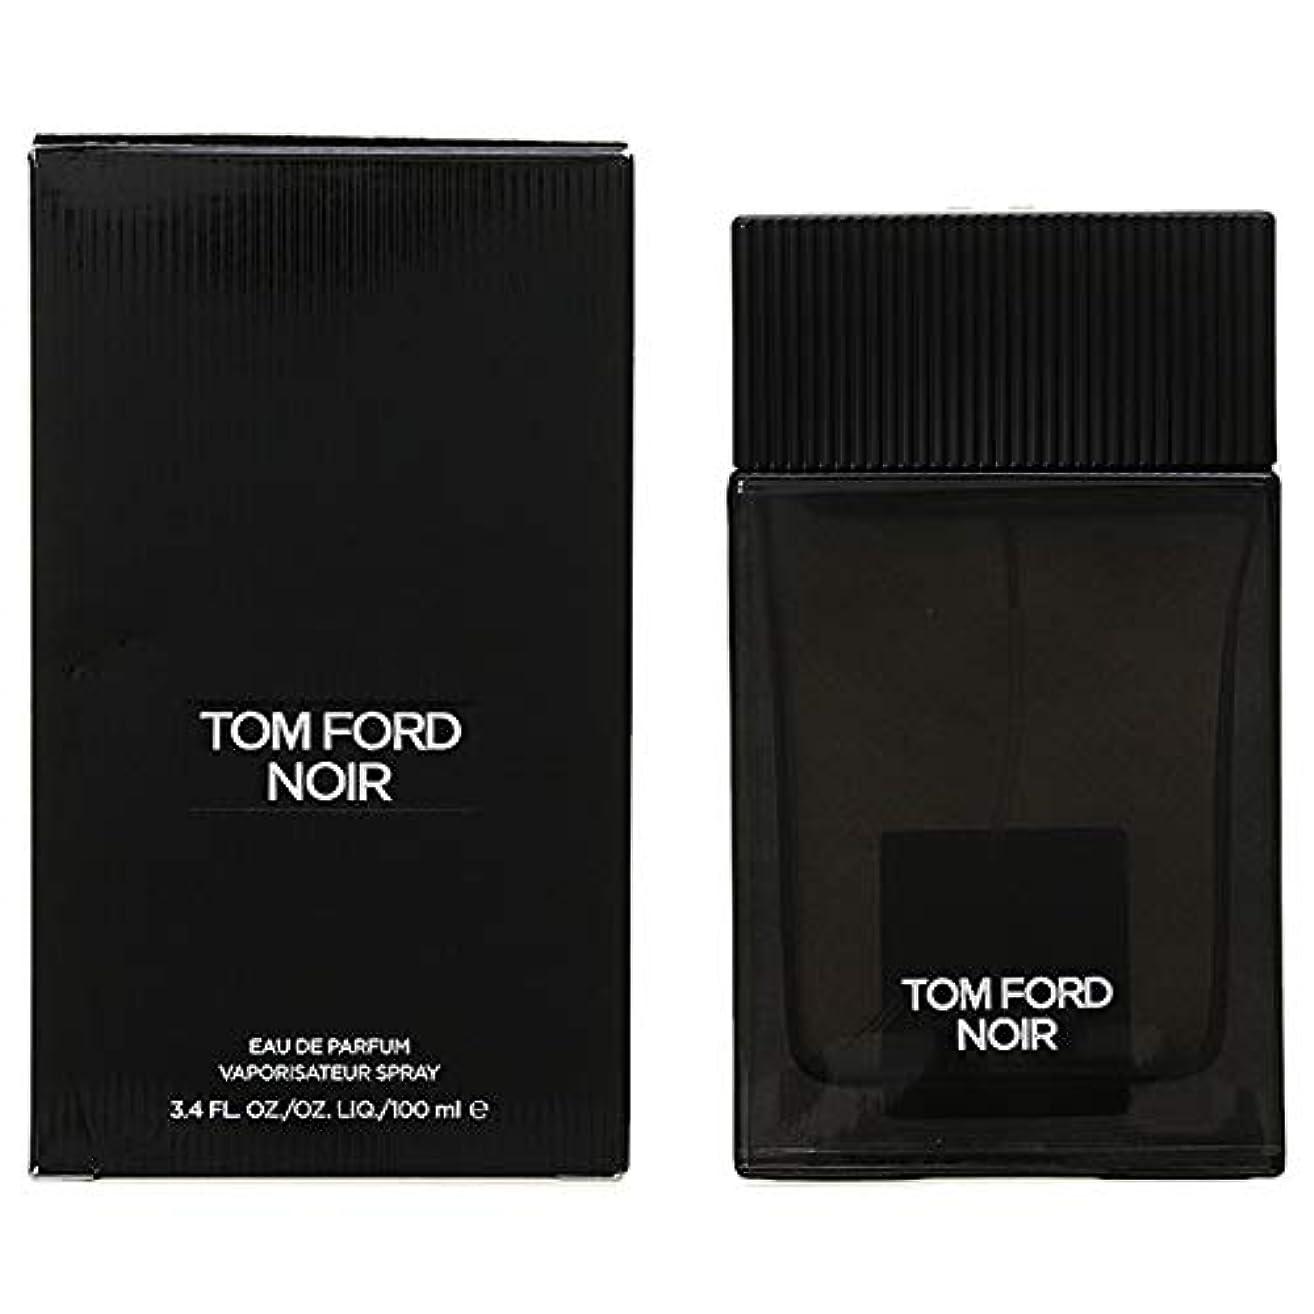 甲虫思い出させる十分ではないトム フォード ビューティ TOM FORD BEAUTY ノワール オード パルファム スプレィ EDP 100mL [並行輸入品]